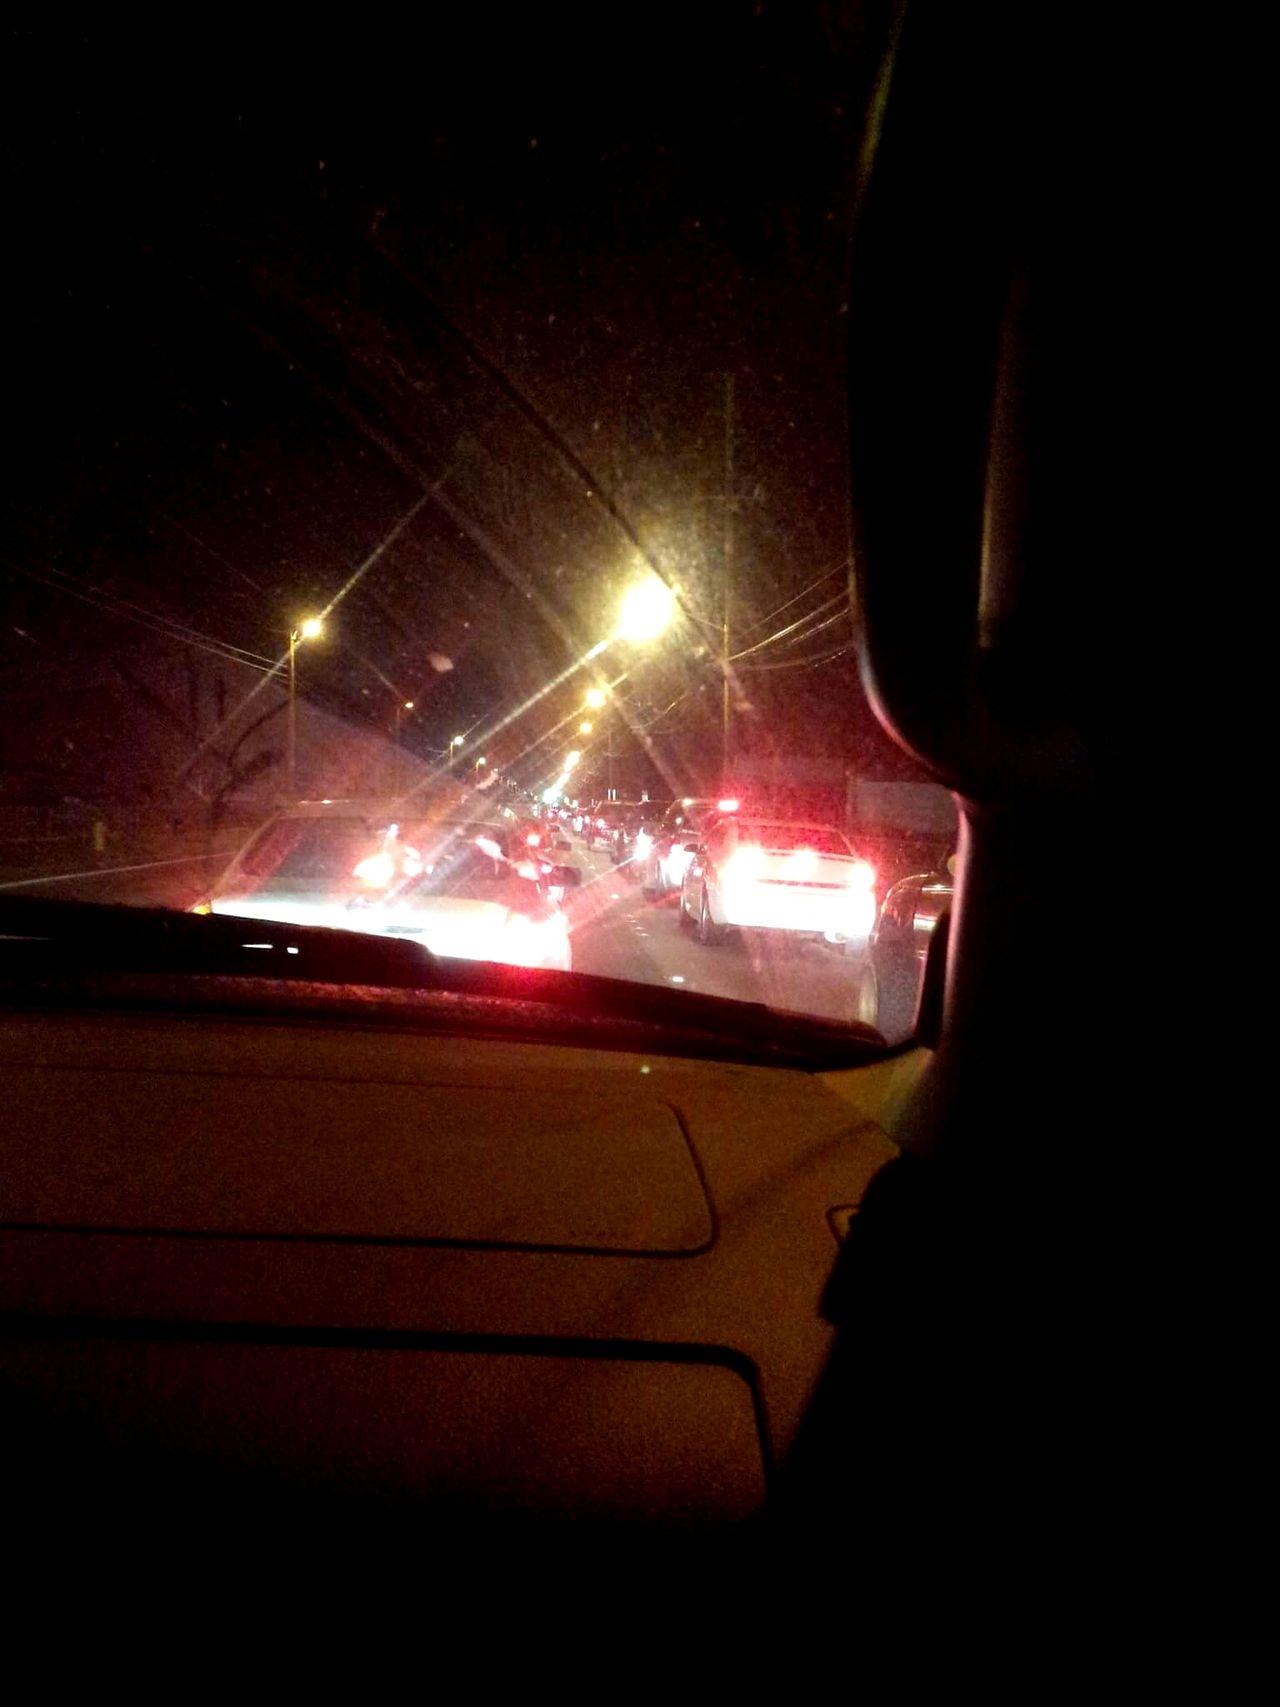 Night Transportation Car Illuminated Car Interior Trafficjam Brake Lights